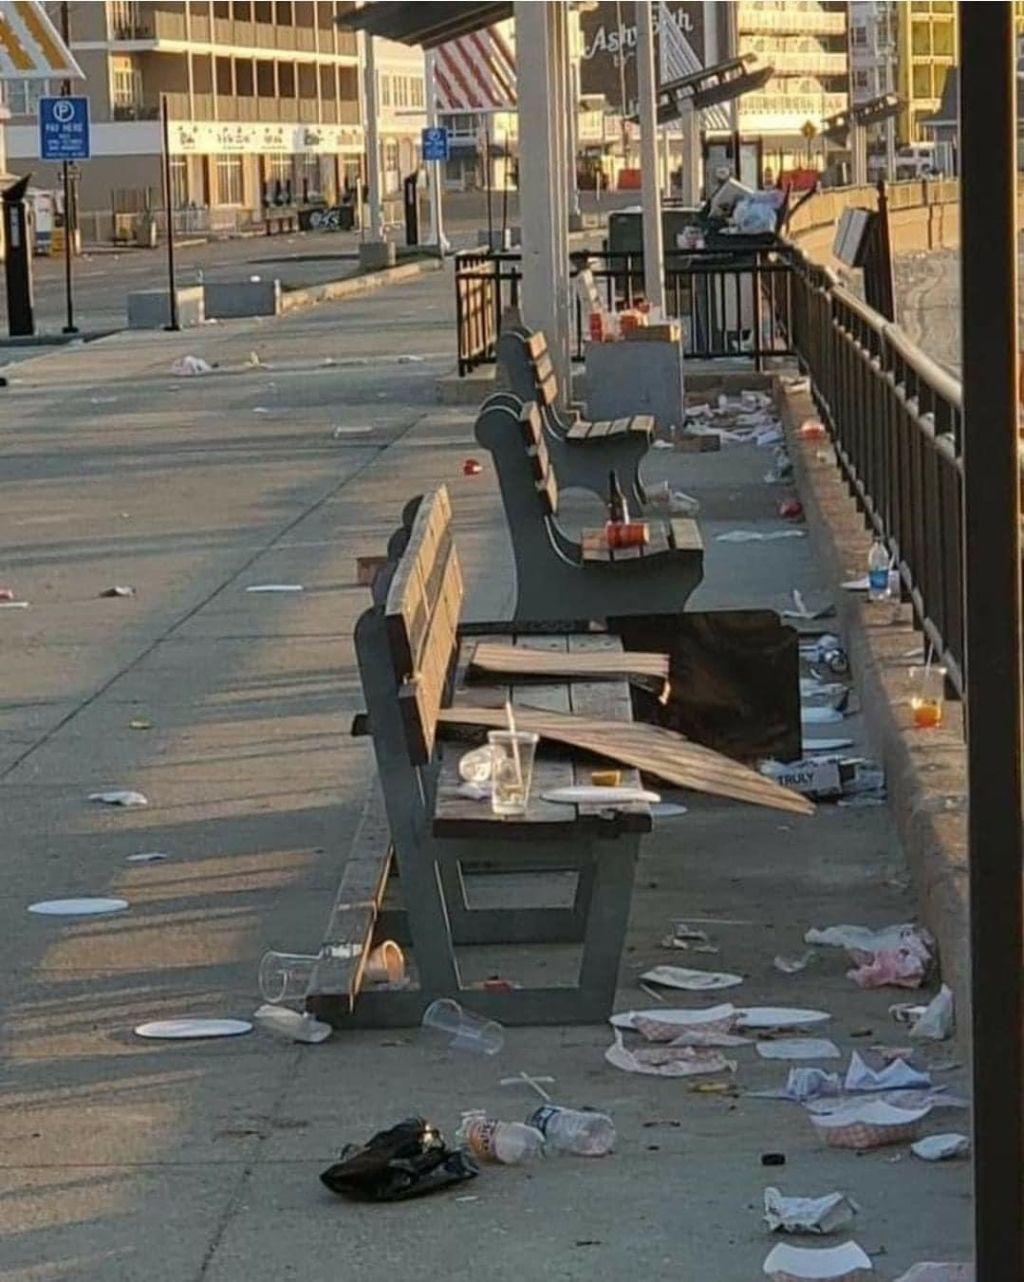 Ocean Blvd. trash